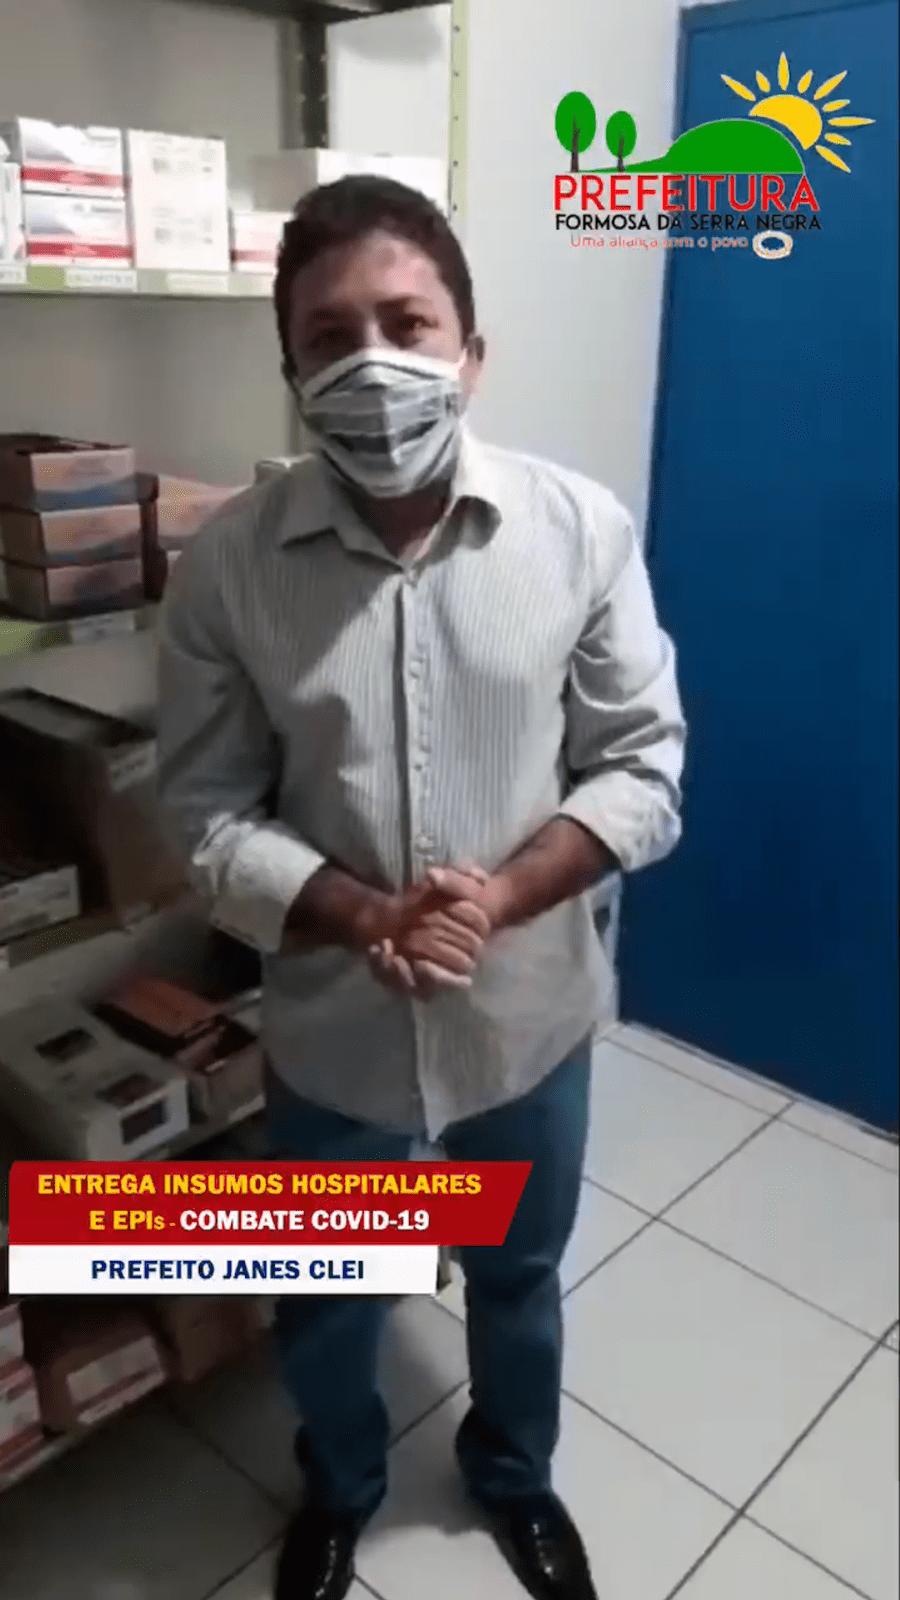 Prefeito de Formosa da Serra Negra adequa hospital para atender pacientes com suspeita de Covid